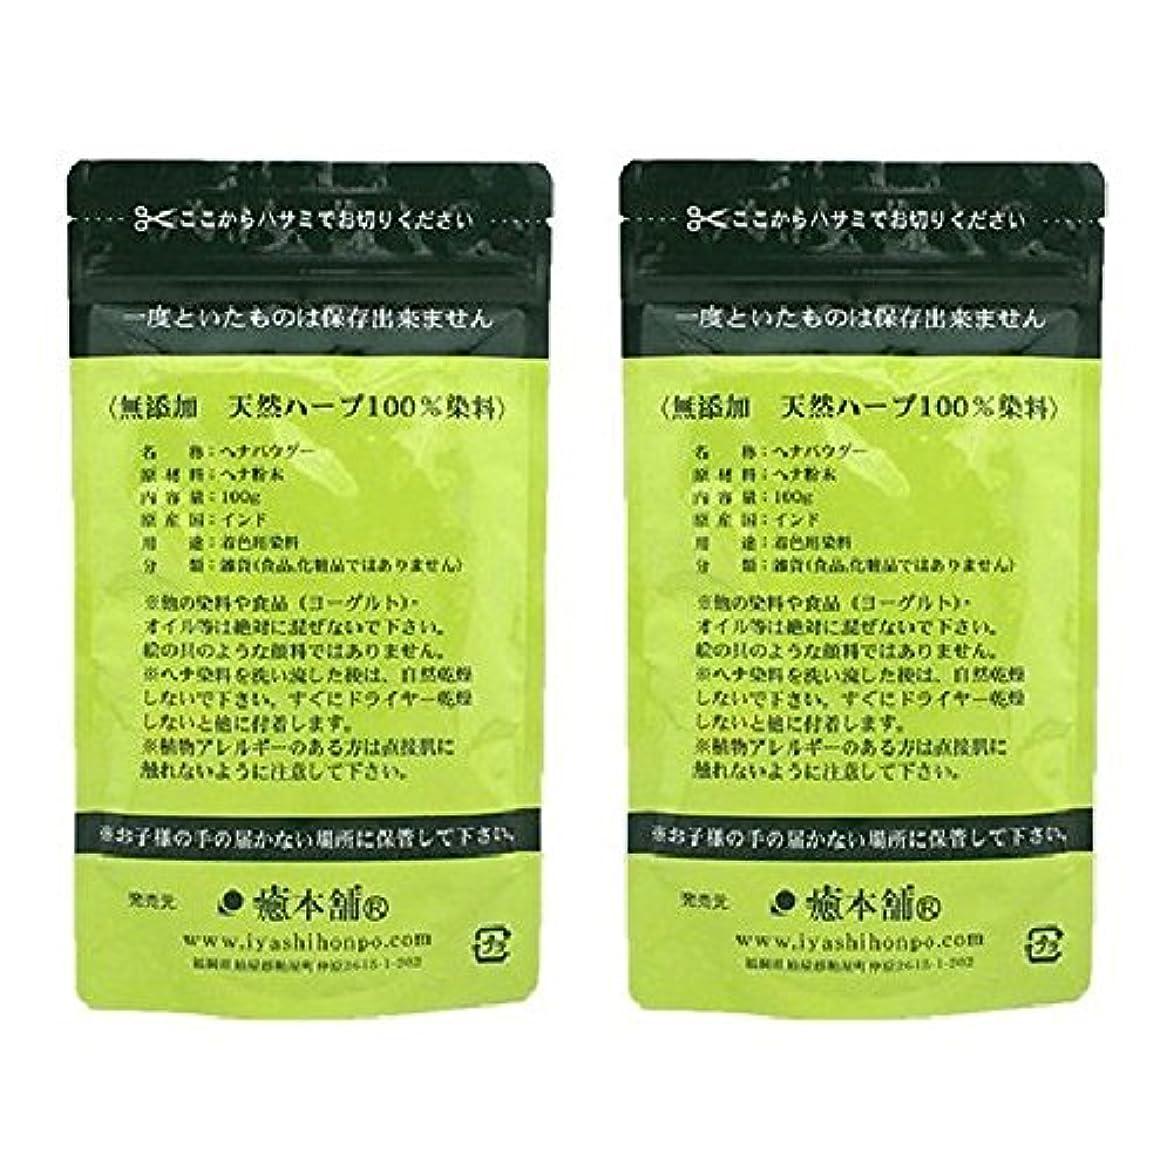 天然染料100% 癒本舗 ヘナ 100g×2個セット 白髪染め ノンシリコン ヘアカラー ヘナカラー